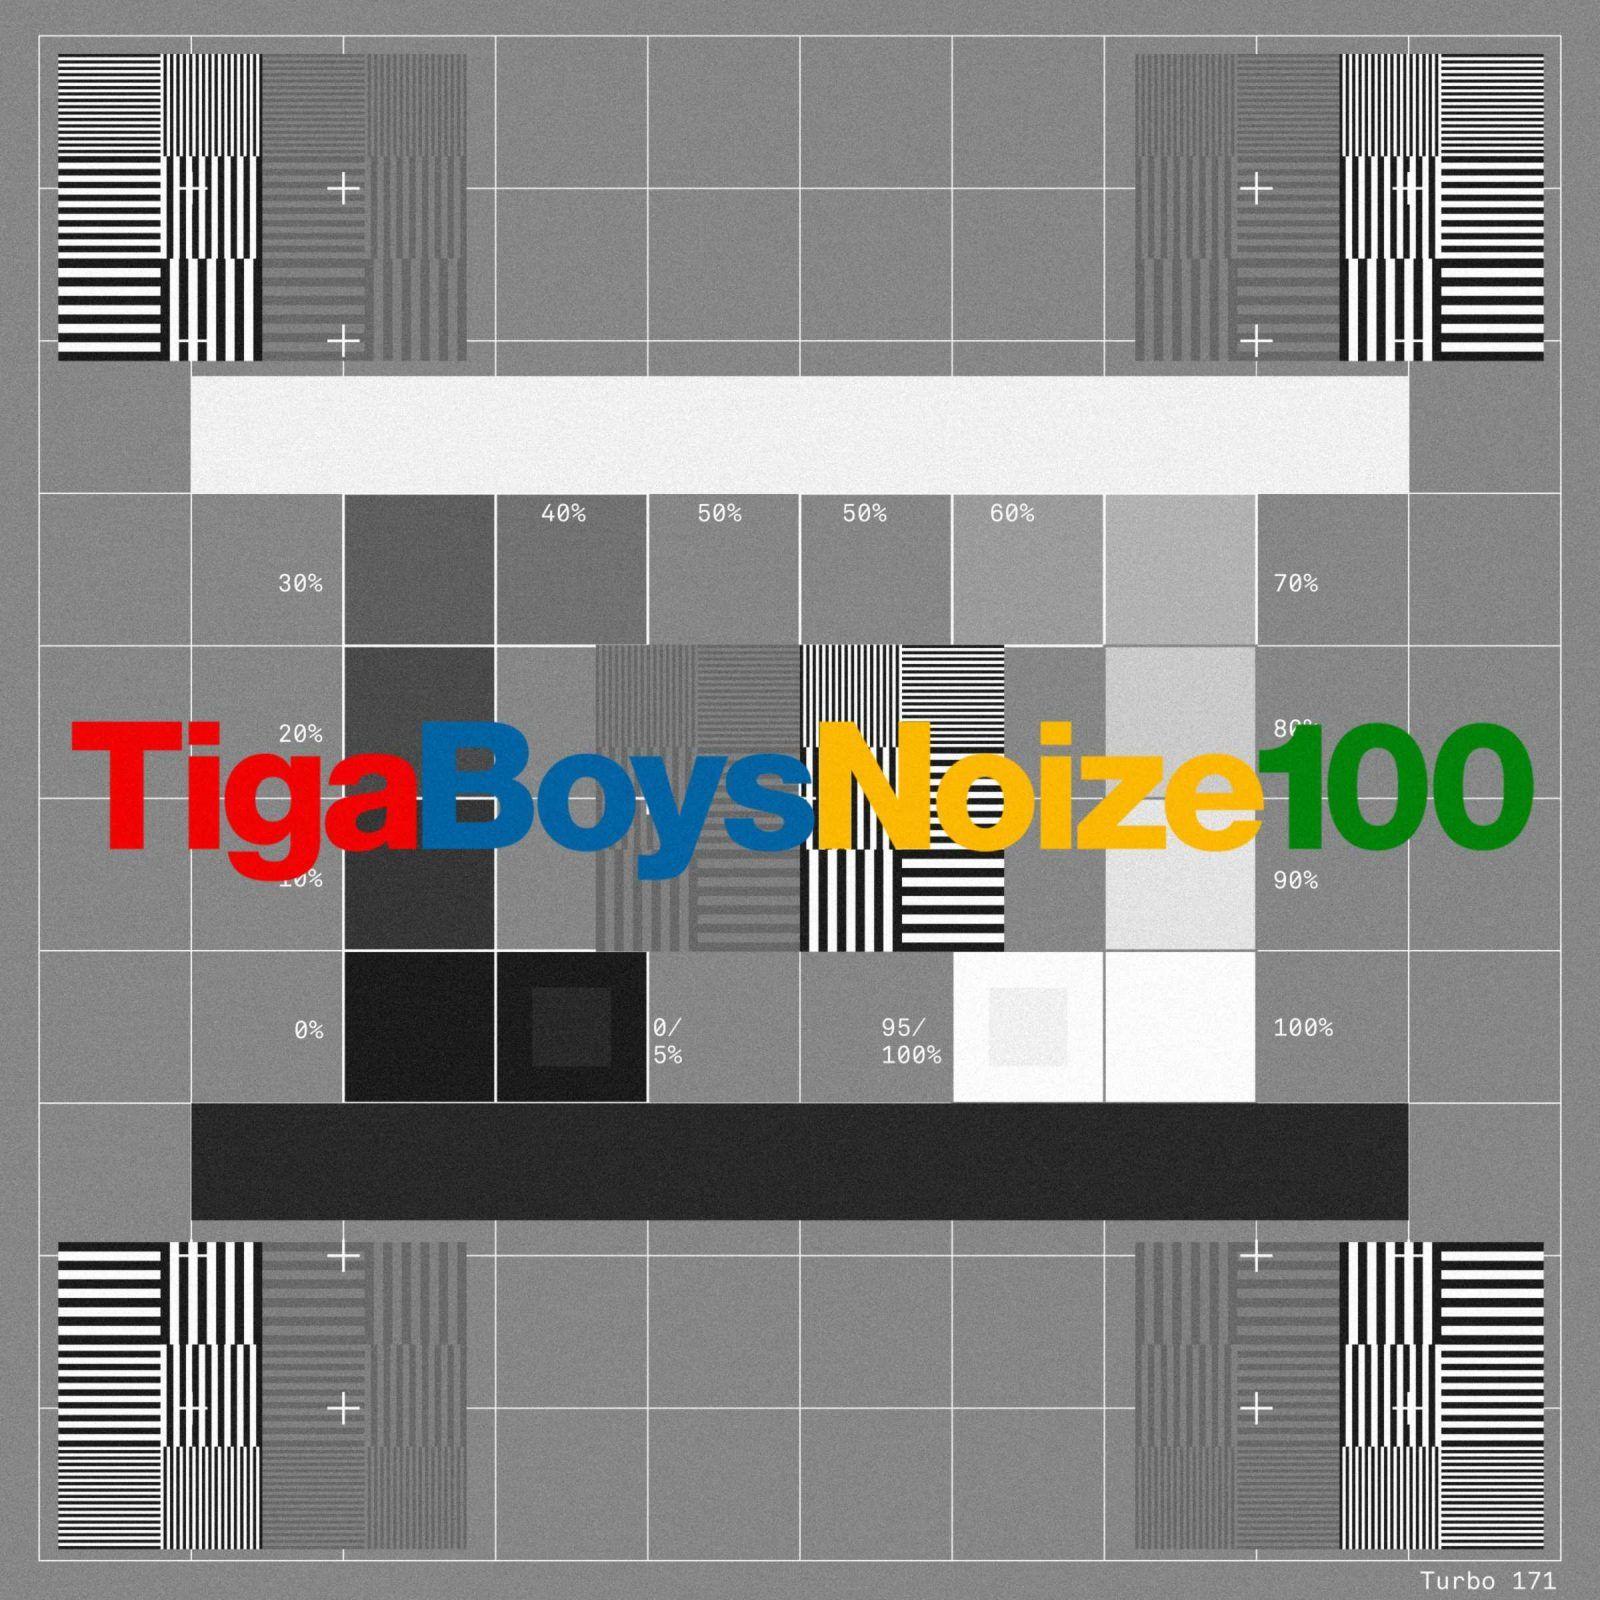 tigavsboysnoize100.jpg